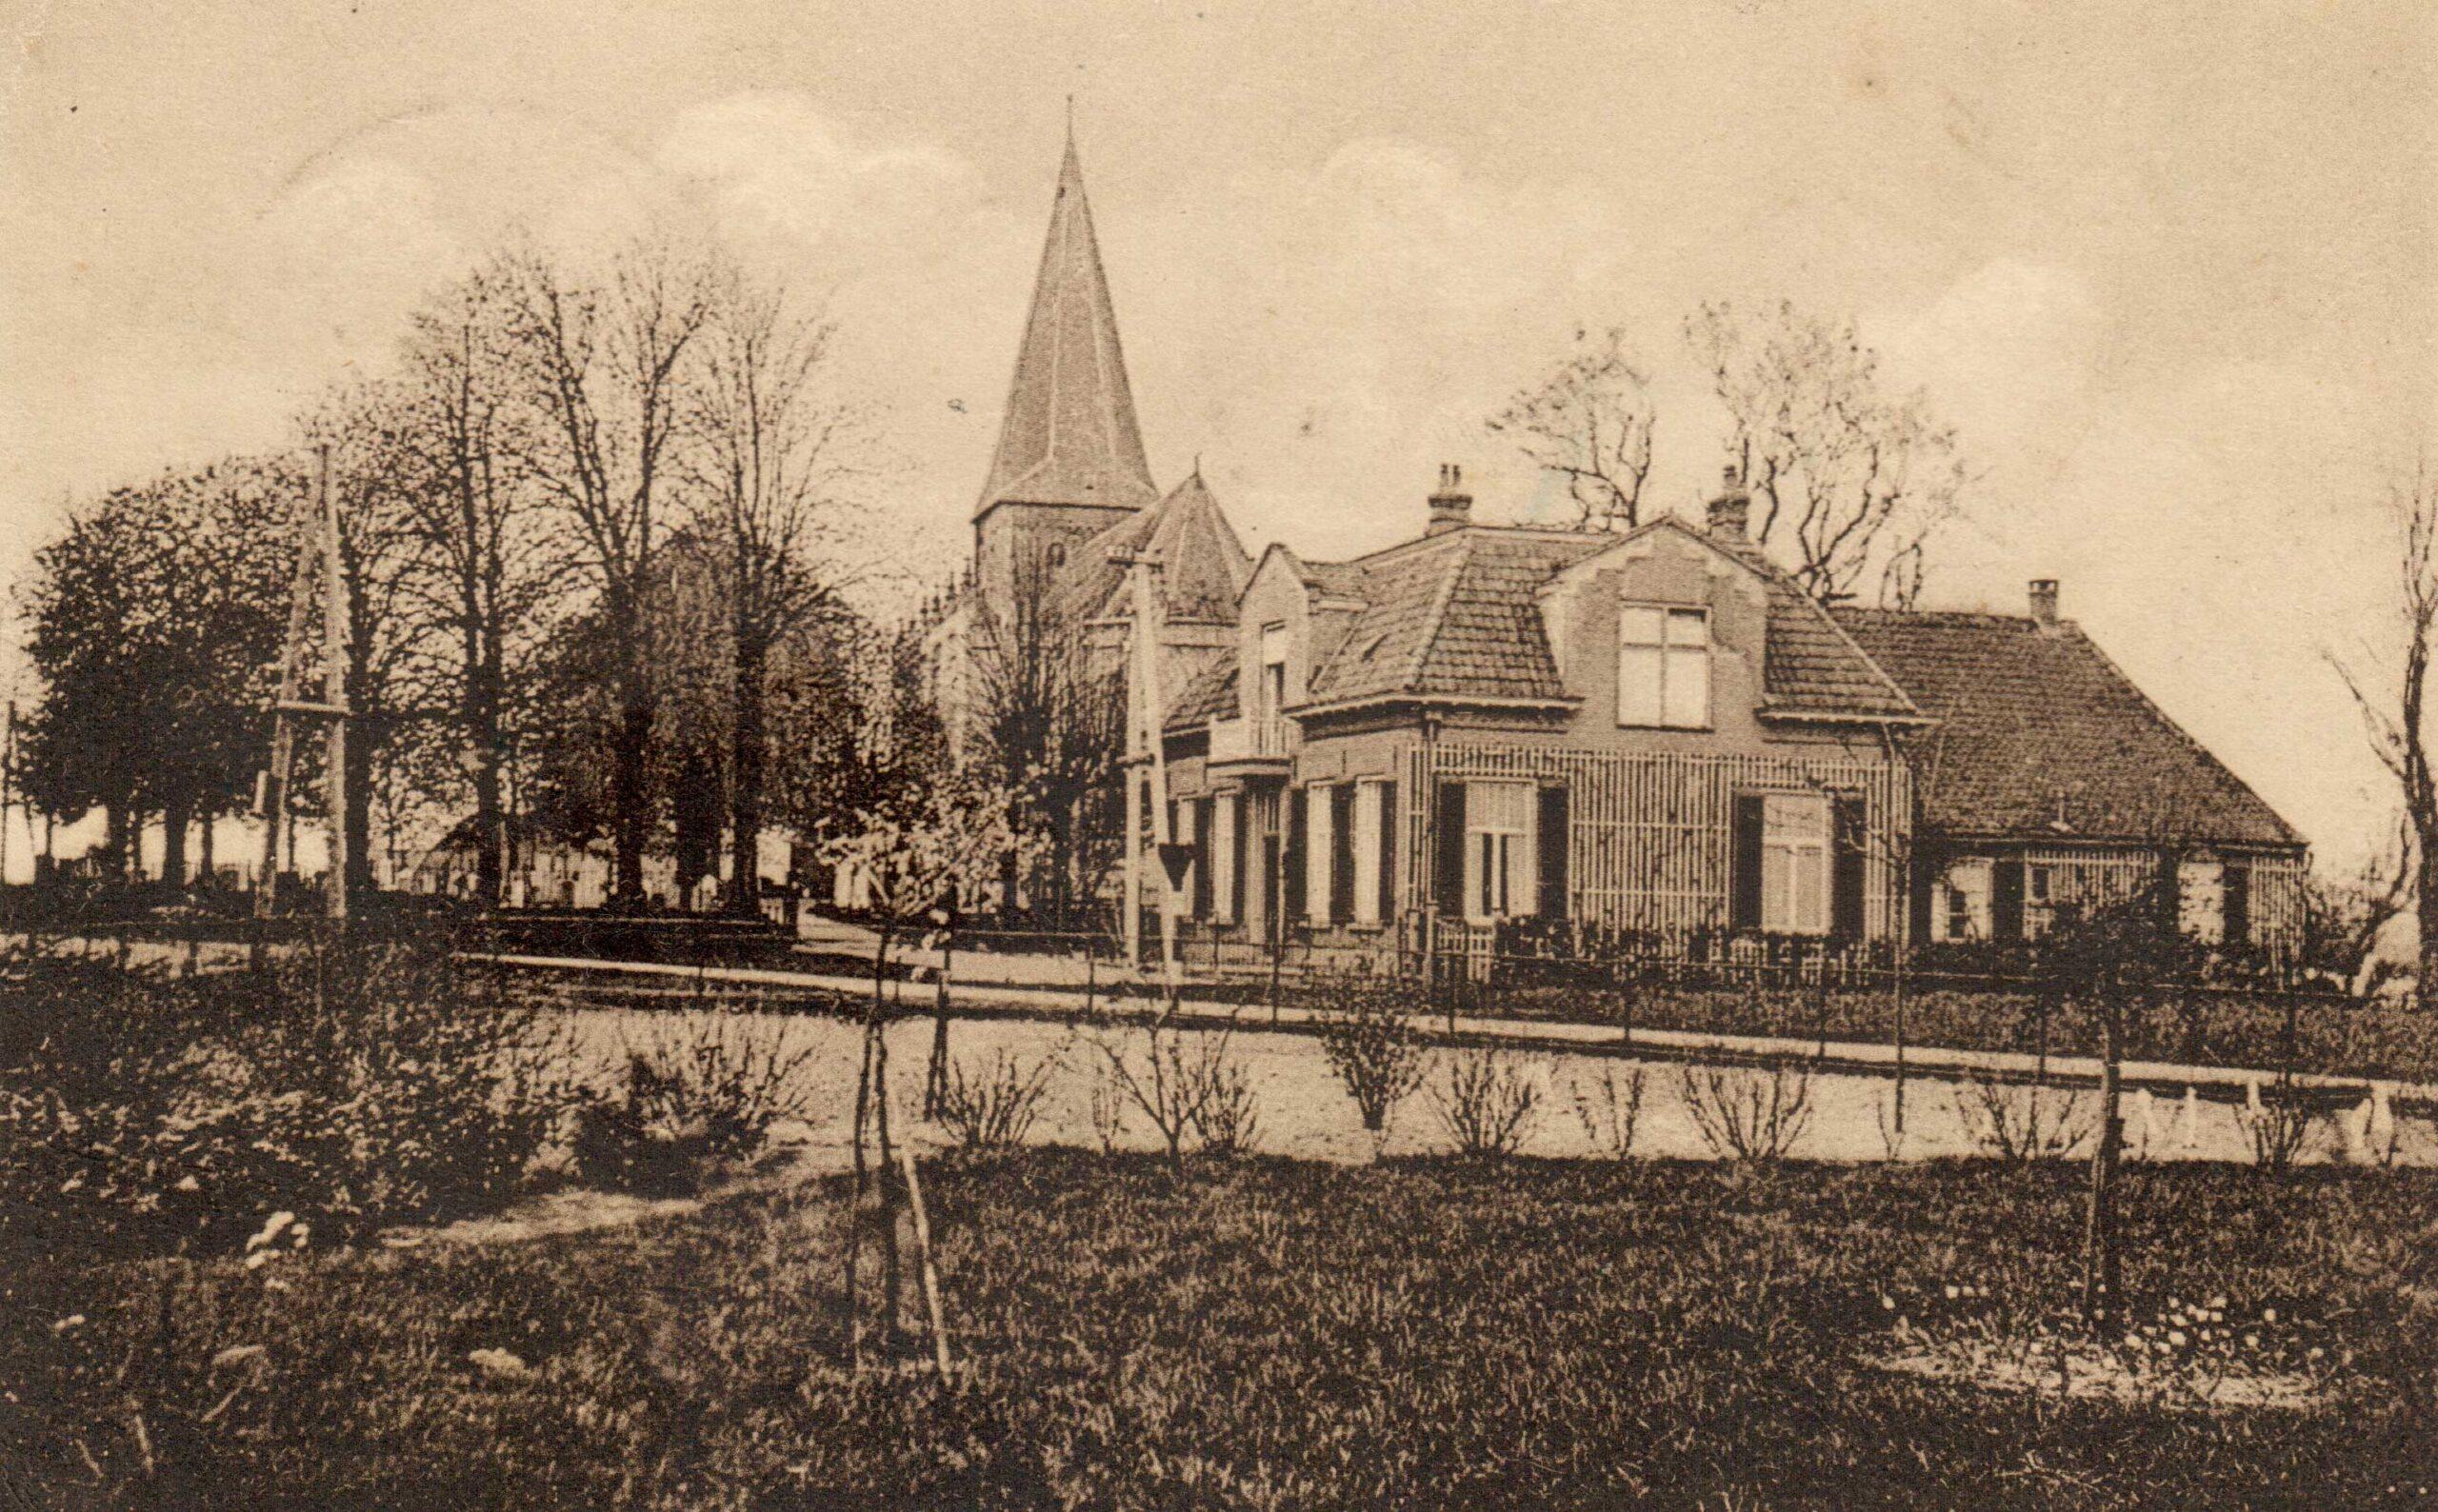 Drempt Kerkstraat 3 Pastorie en St Joriskerk